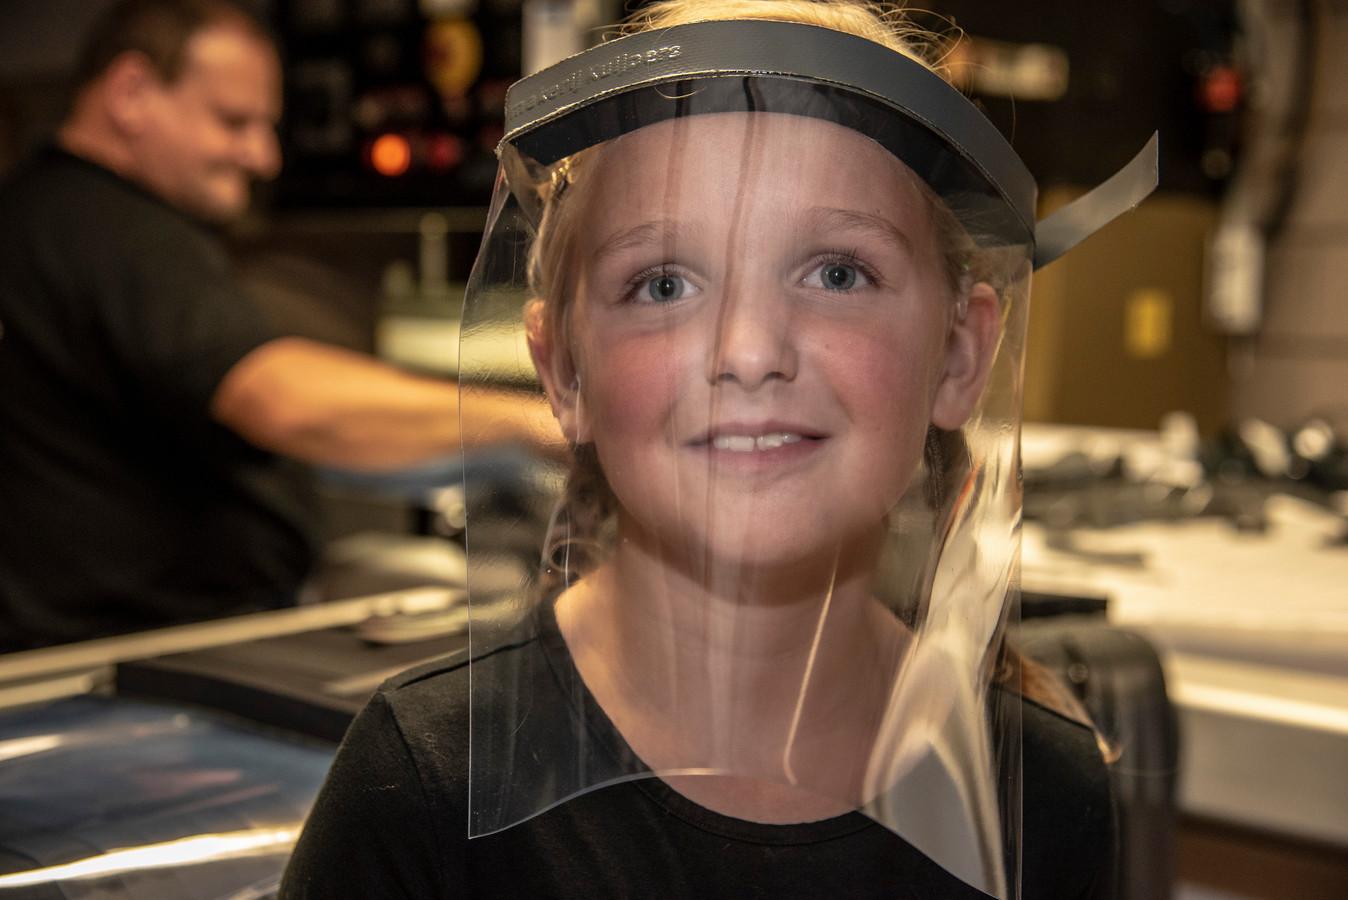 Geert Kuijpers van Kuijpers zeilmakerij en tenten uit Milsbeek heeft sinds de coronauitbraak al heel wat faceshields geleverd. Pien,  de dochter van Geert,  showt het masker.